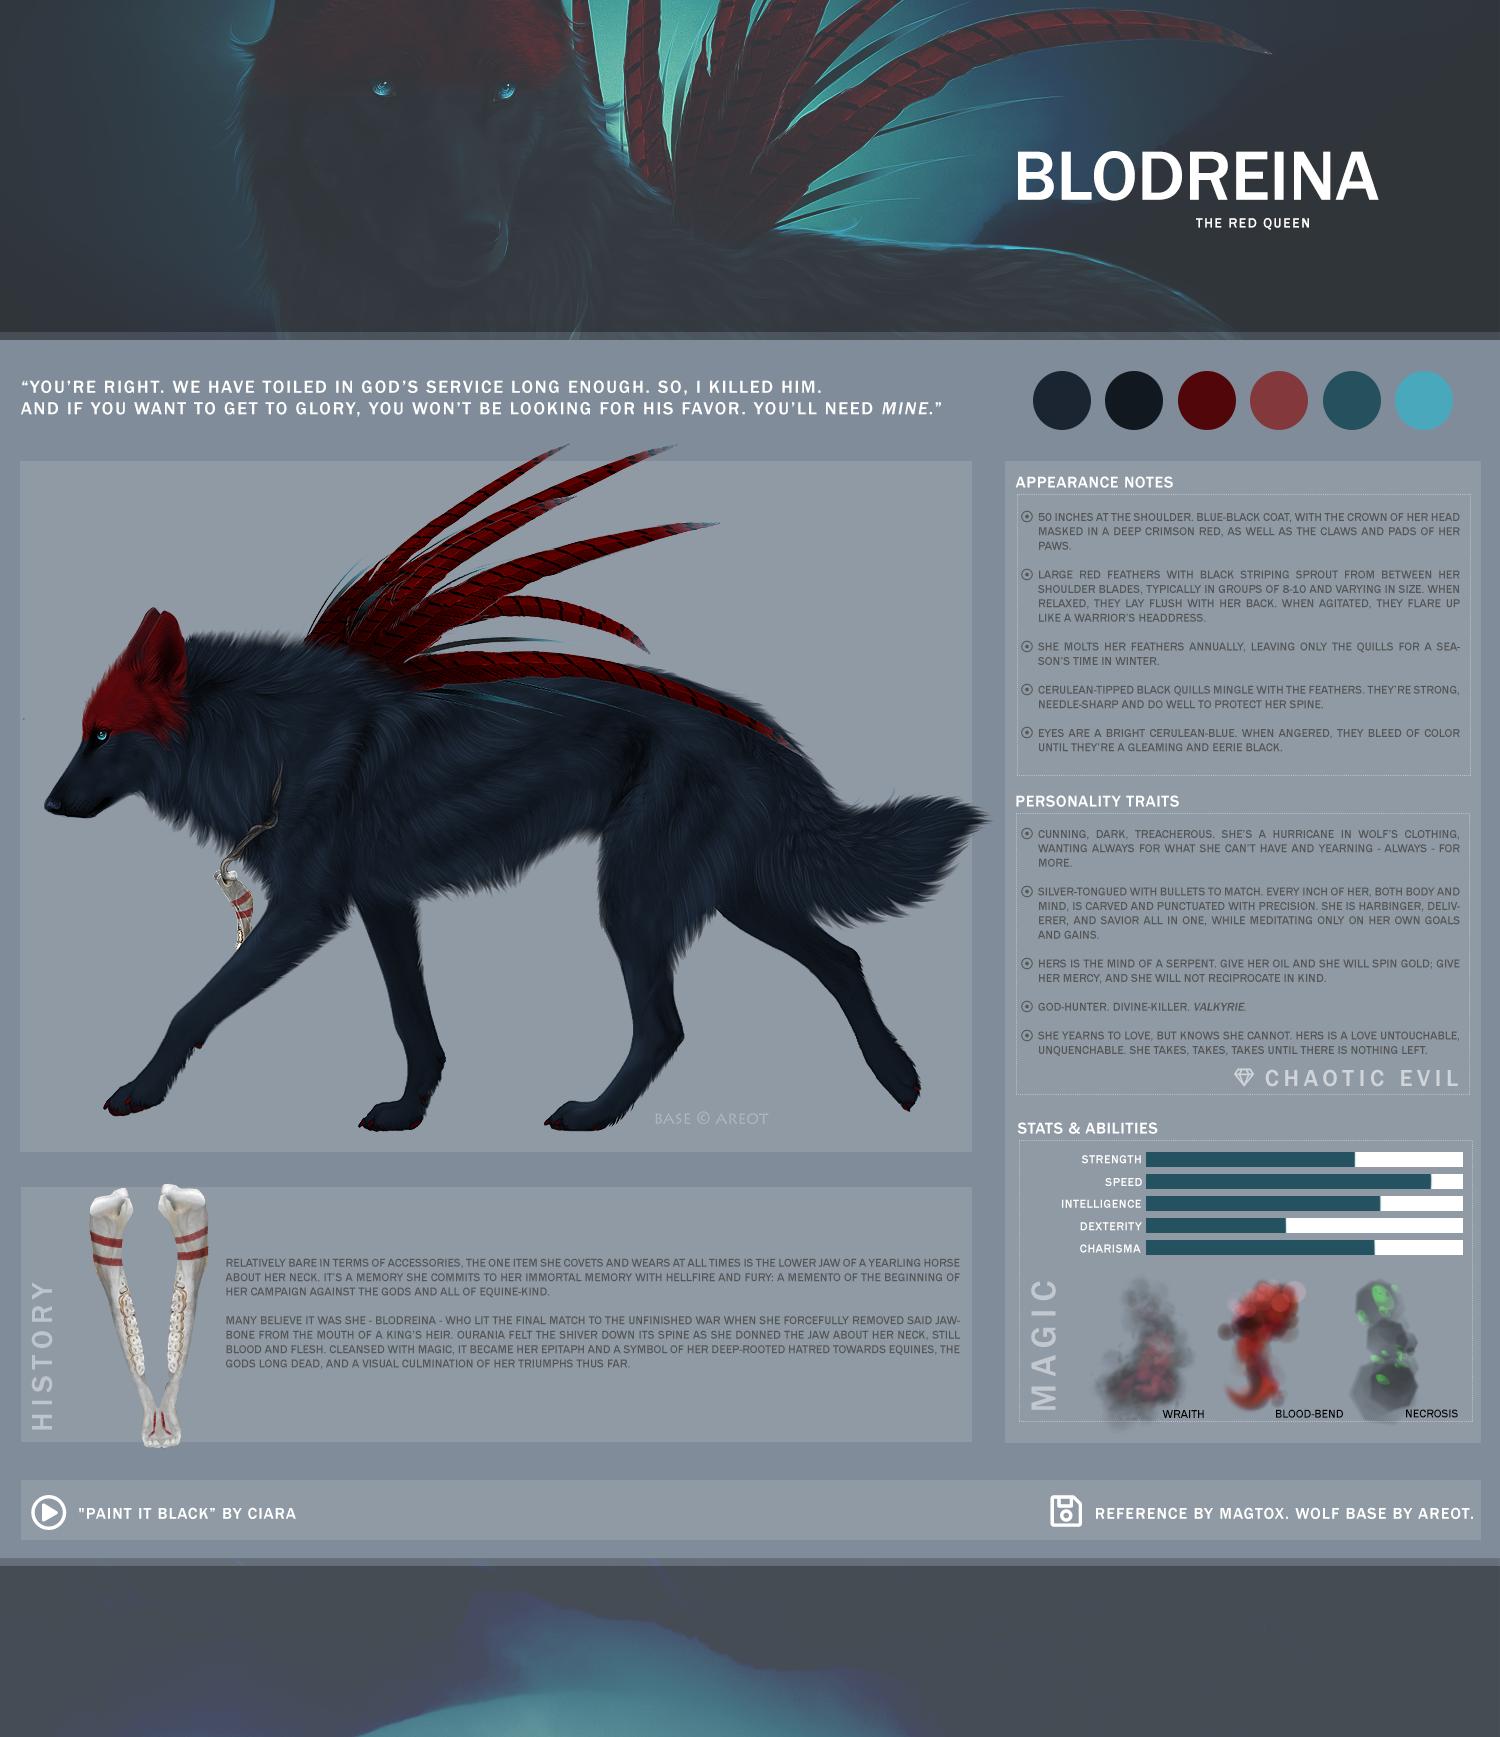 REF: Blodreina by magtox